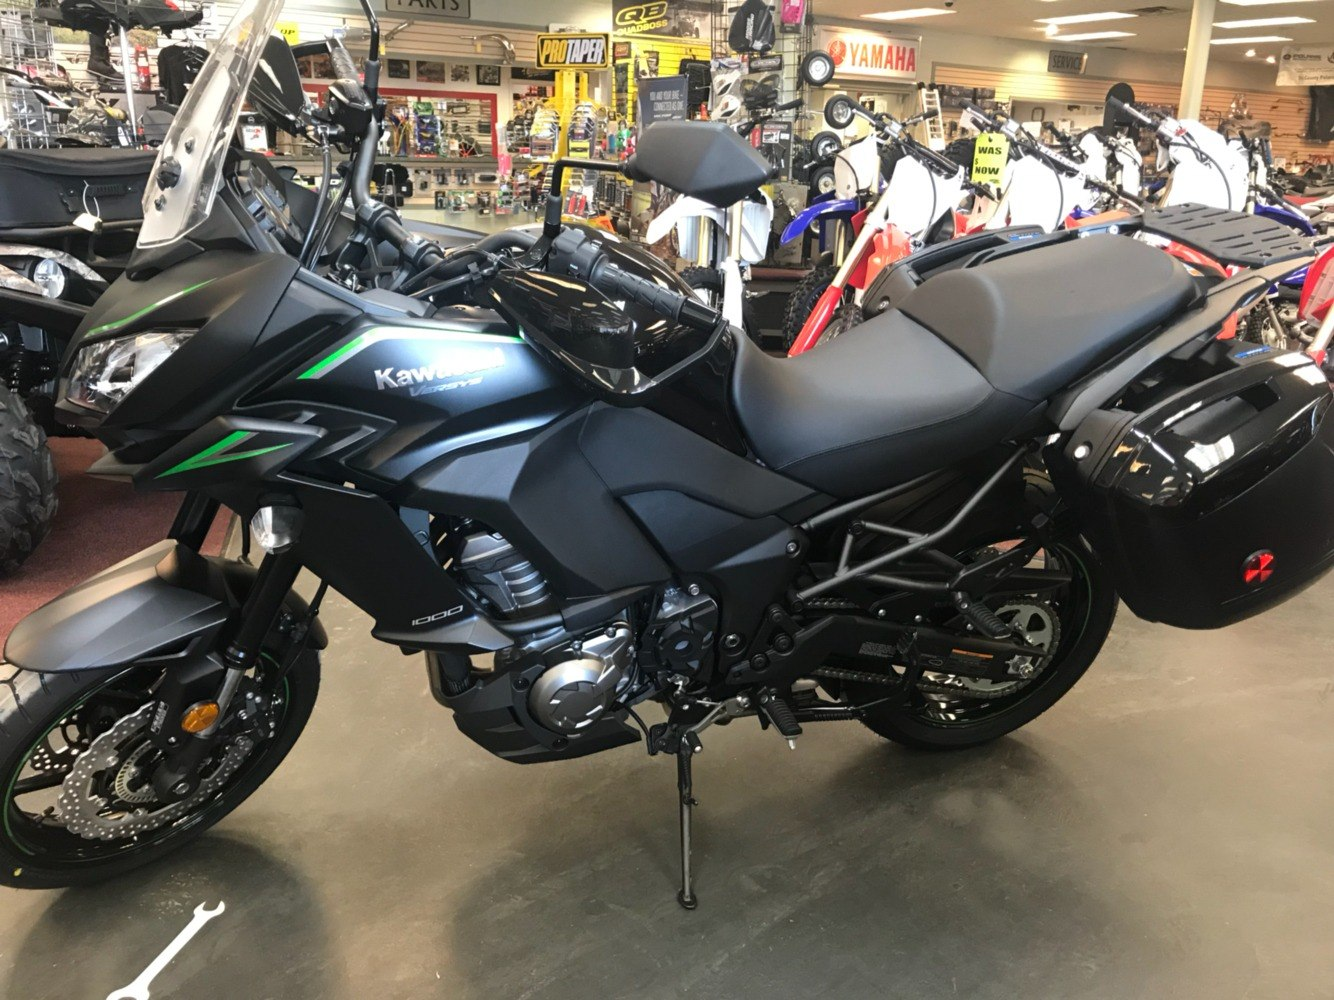 2018 Kawasaki Versys 1000 LT for sale 4624